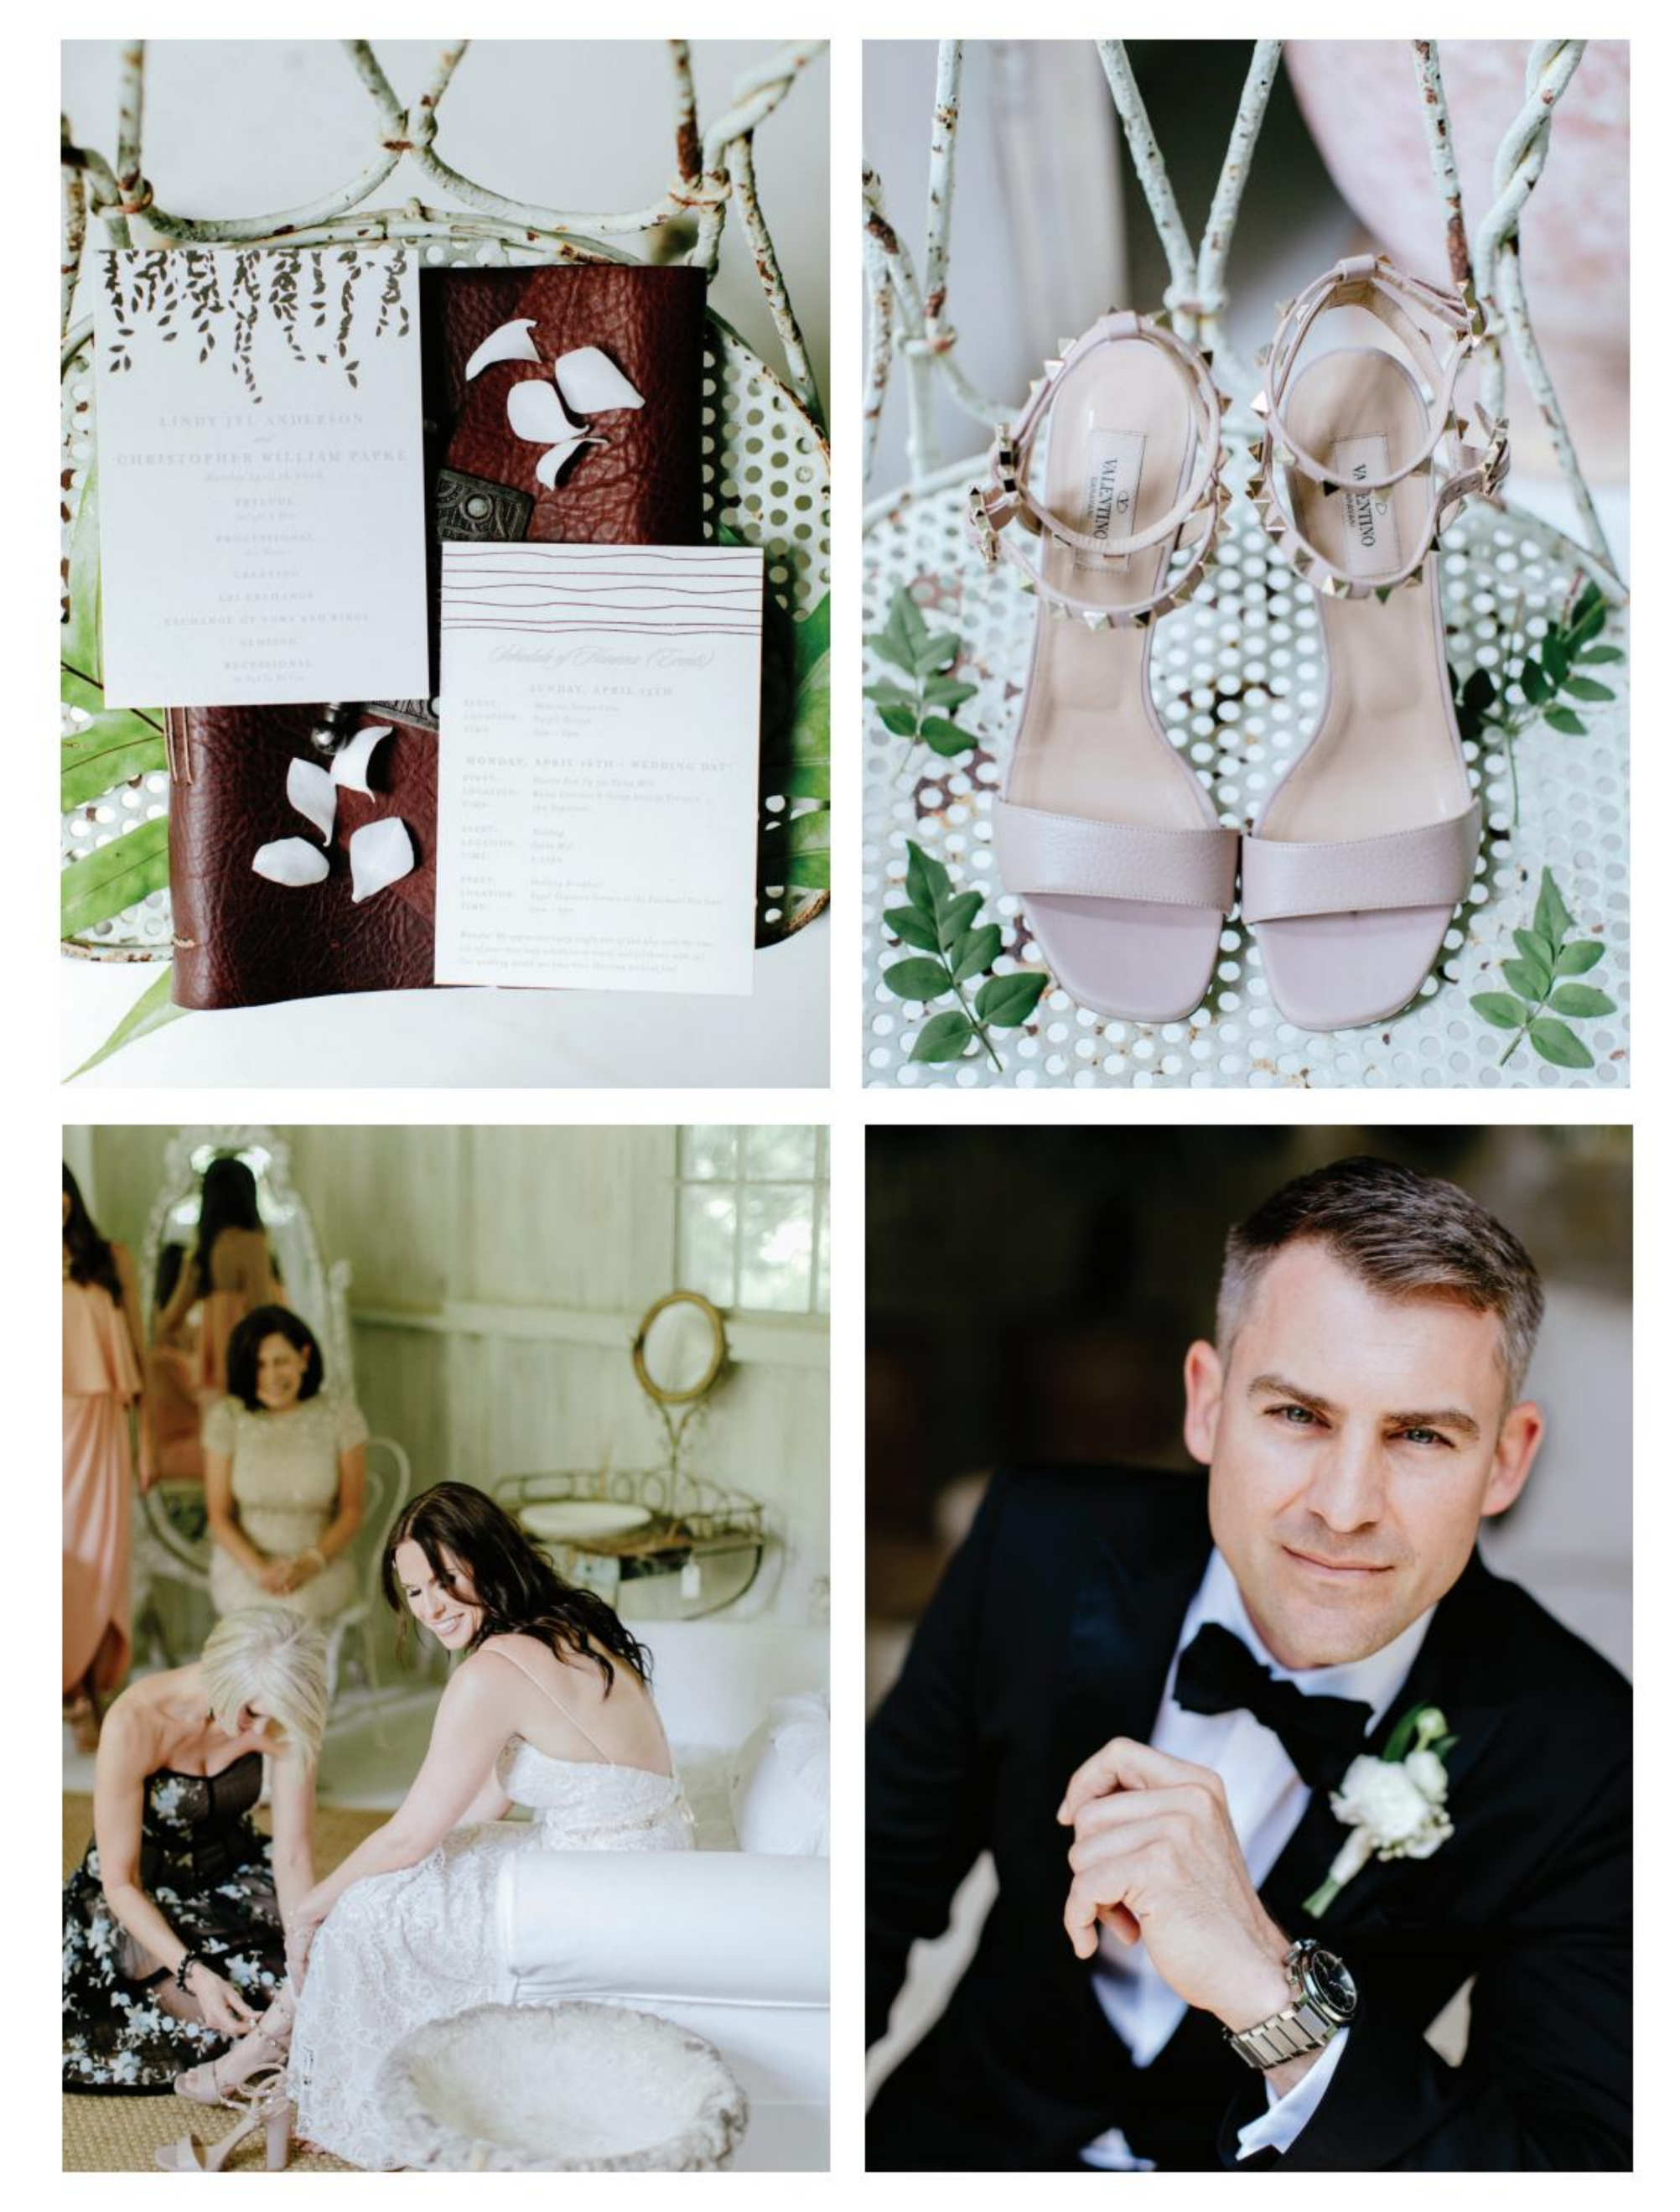 chris-j-evans-novelty-bride-feature000100002.png